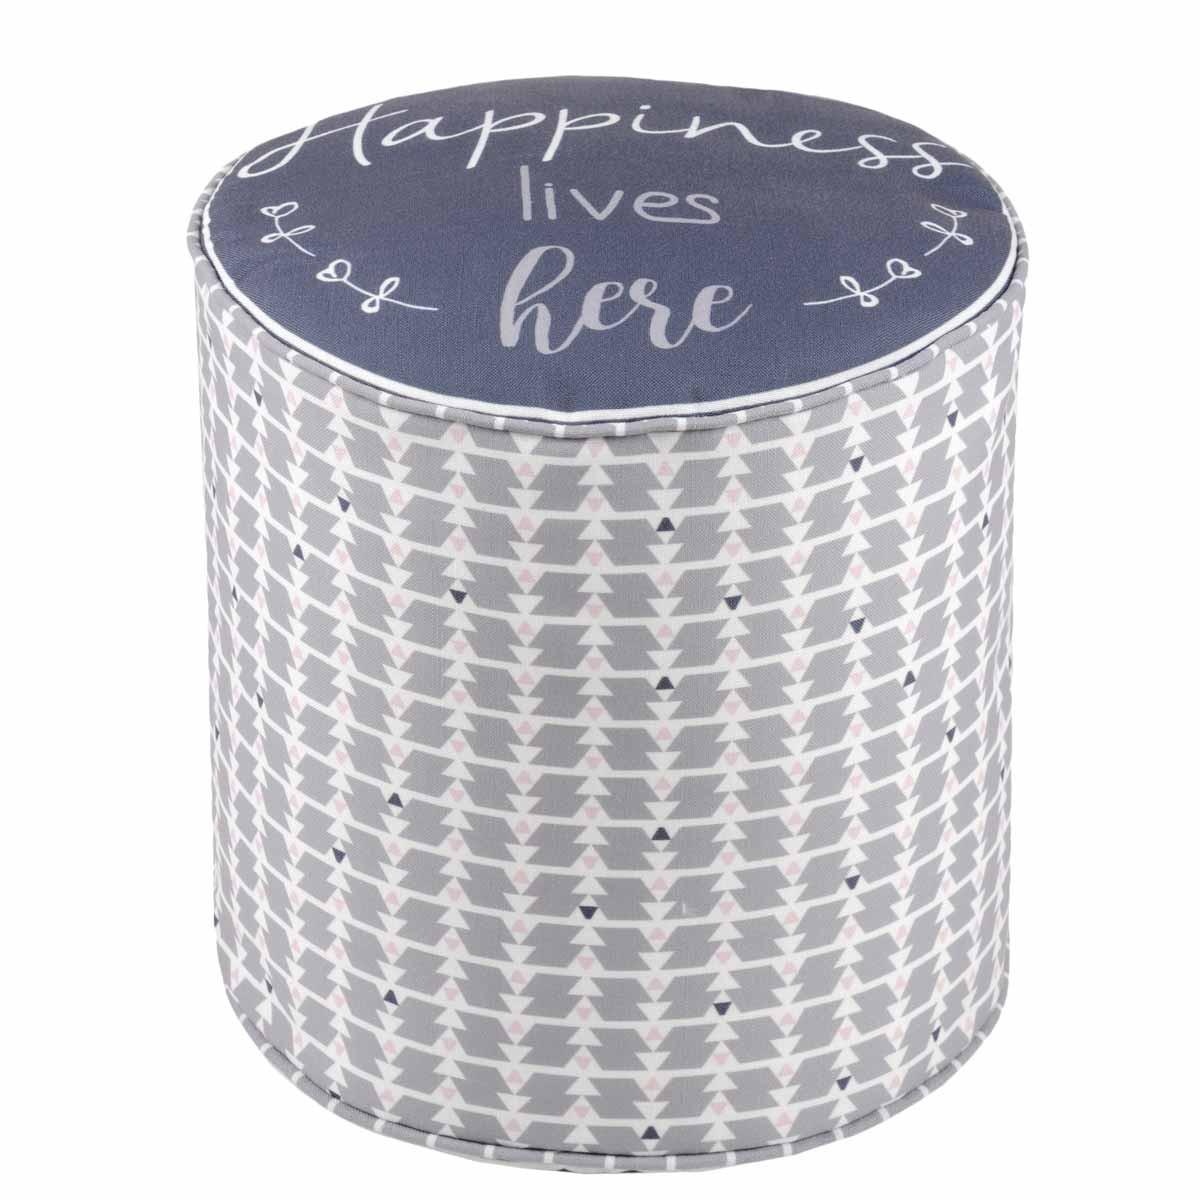 Πουφ Joie Hapiness Gris C87636001 home   σαλόνι   μαξιλάρες δαπέδου   πουφ